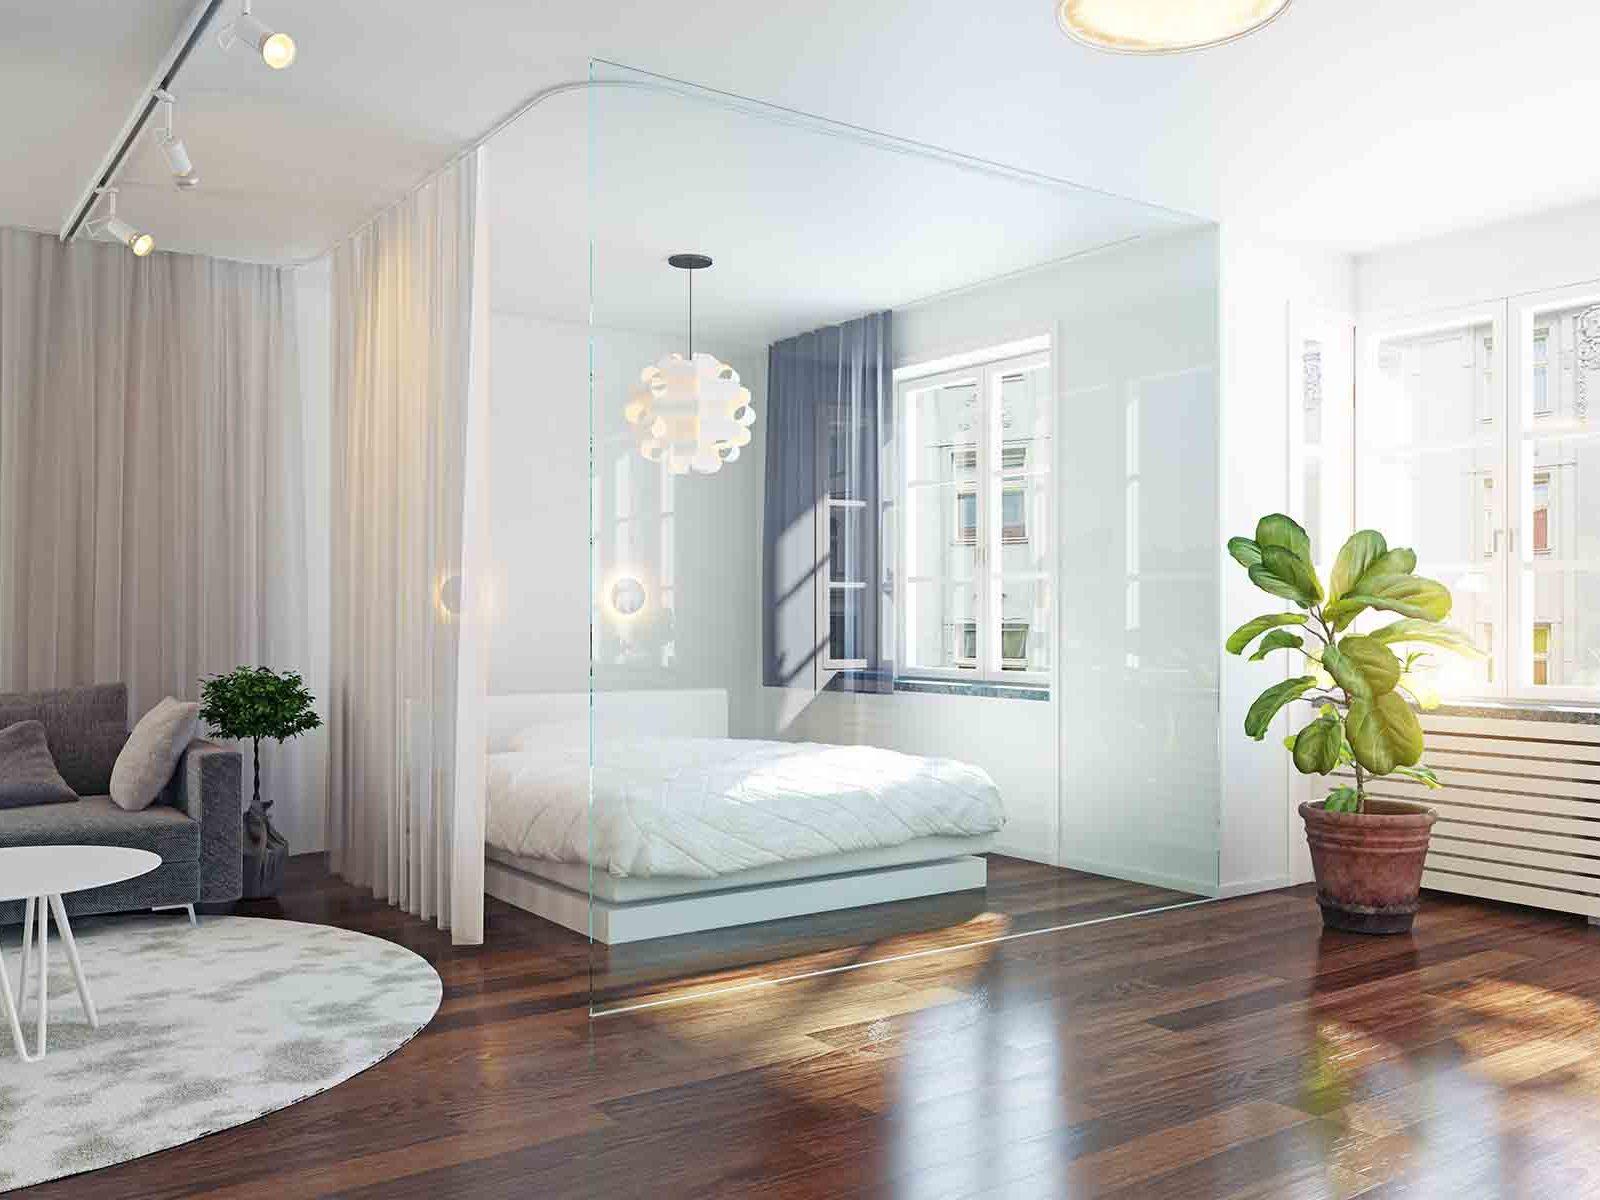 Moderne hjem med glassvegger mot sovealkove